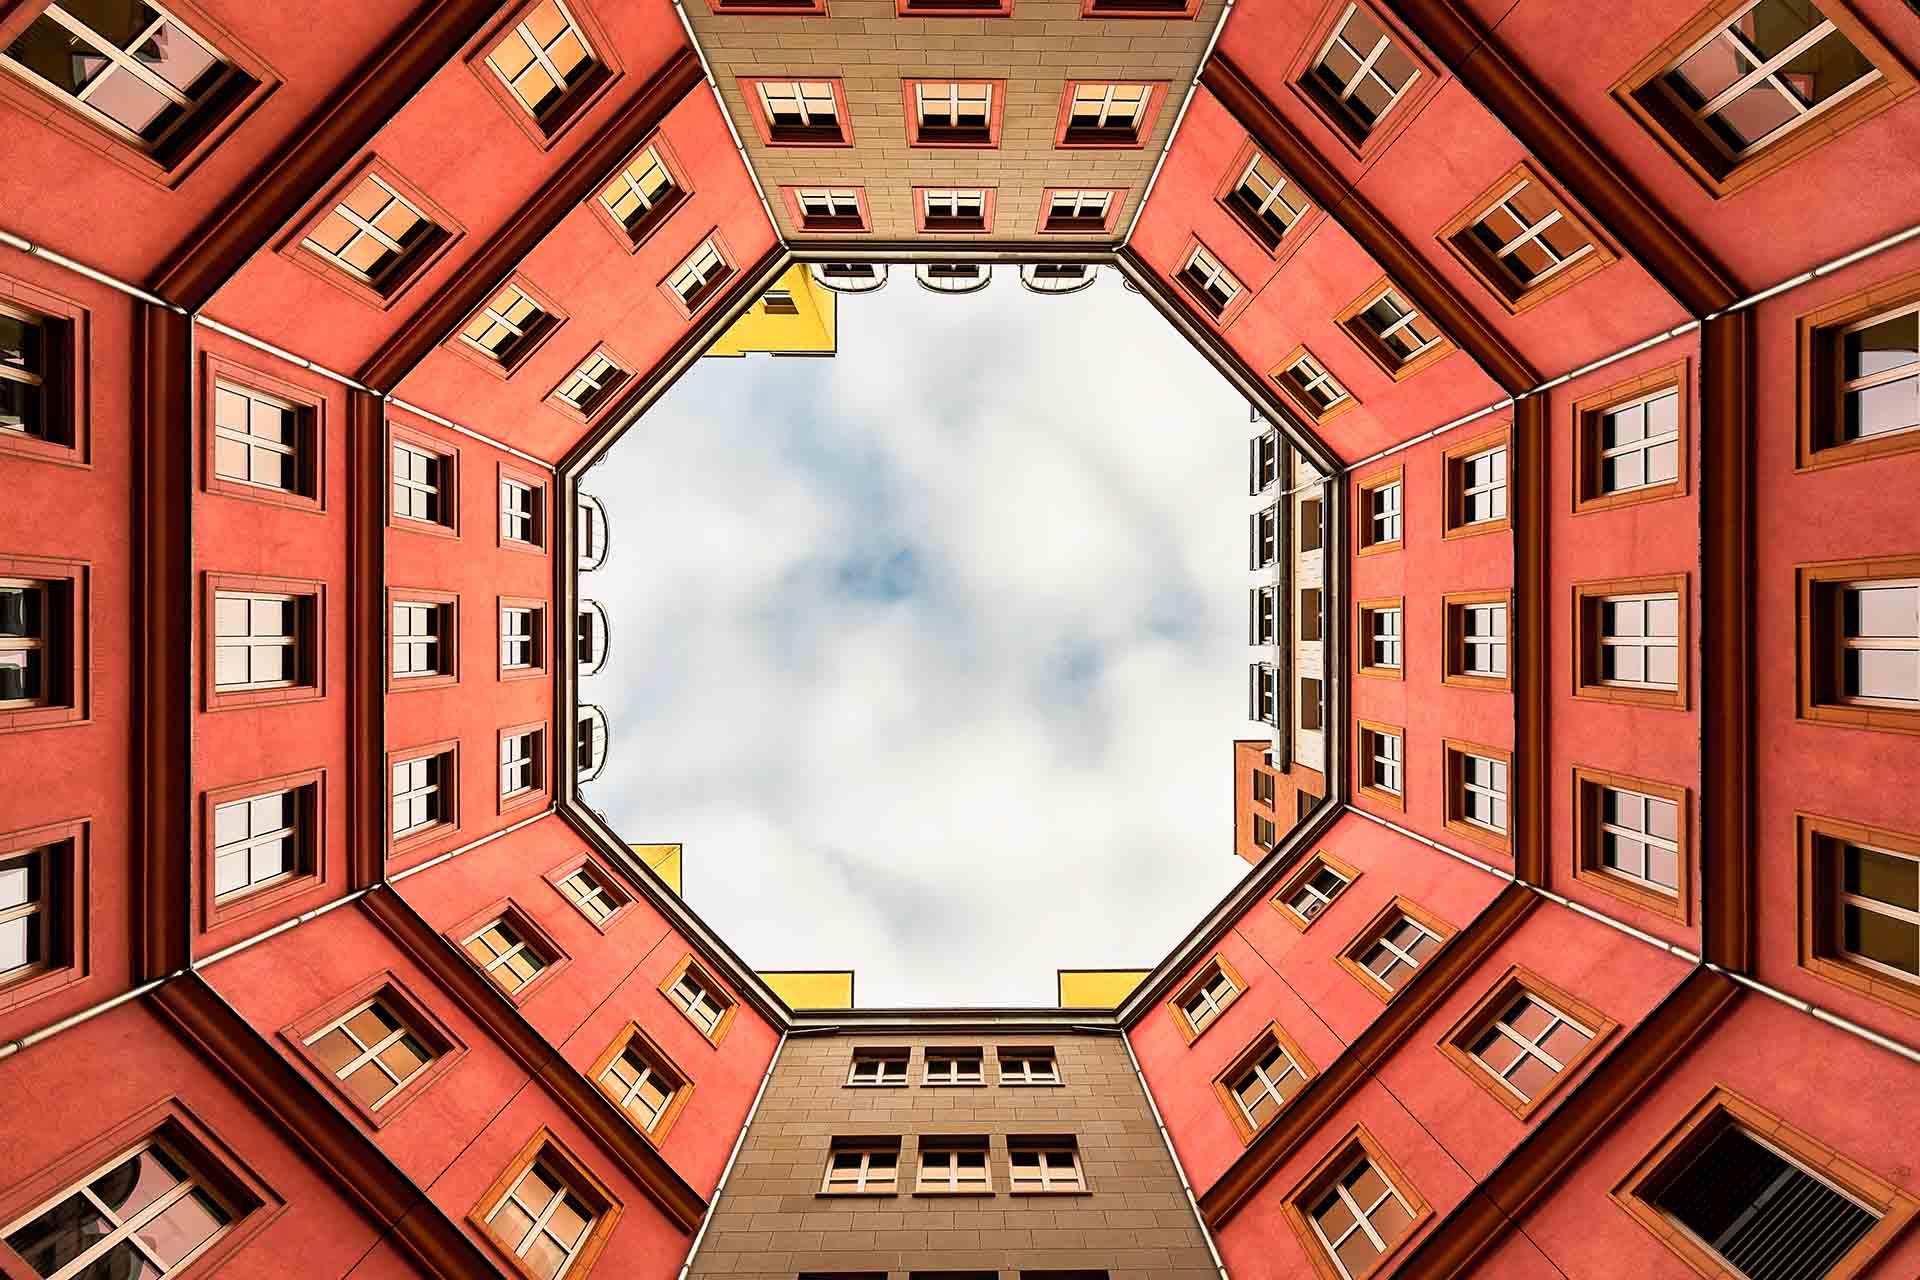 Aldo Rossi ha disegnato gli edifici del quartiere Schutzenstrasse a berlino